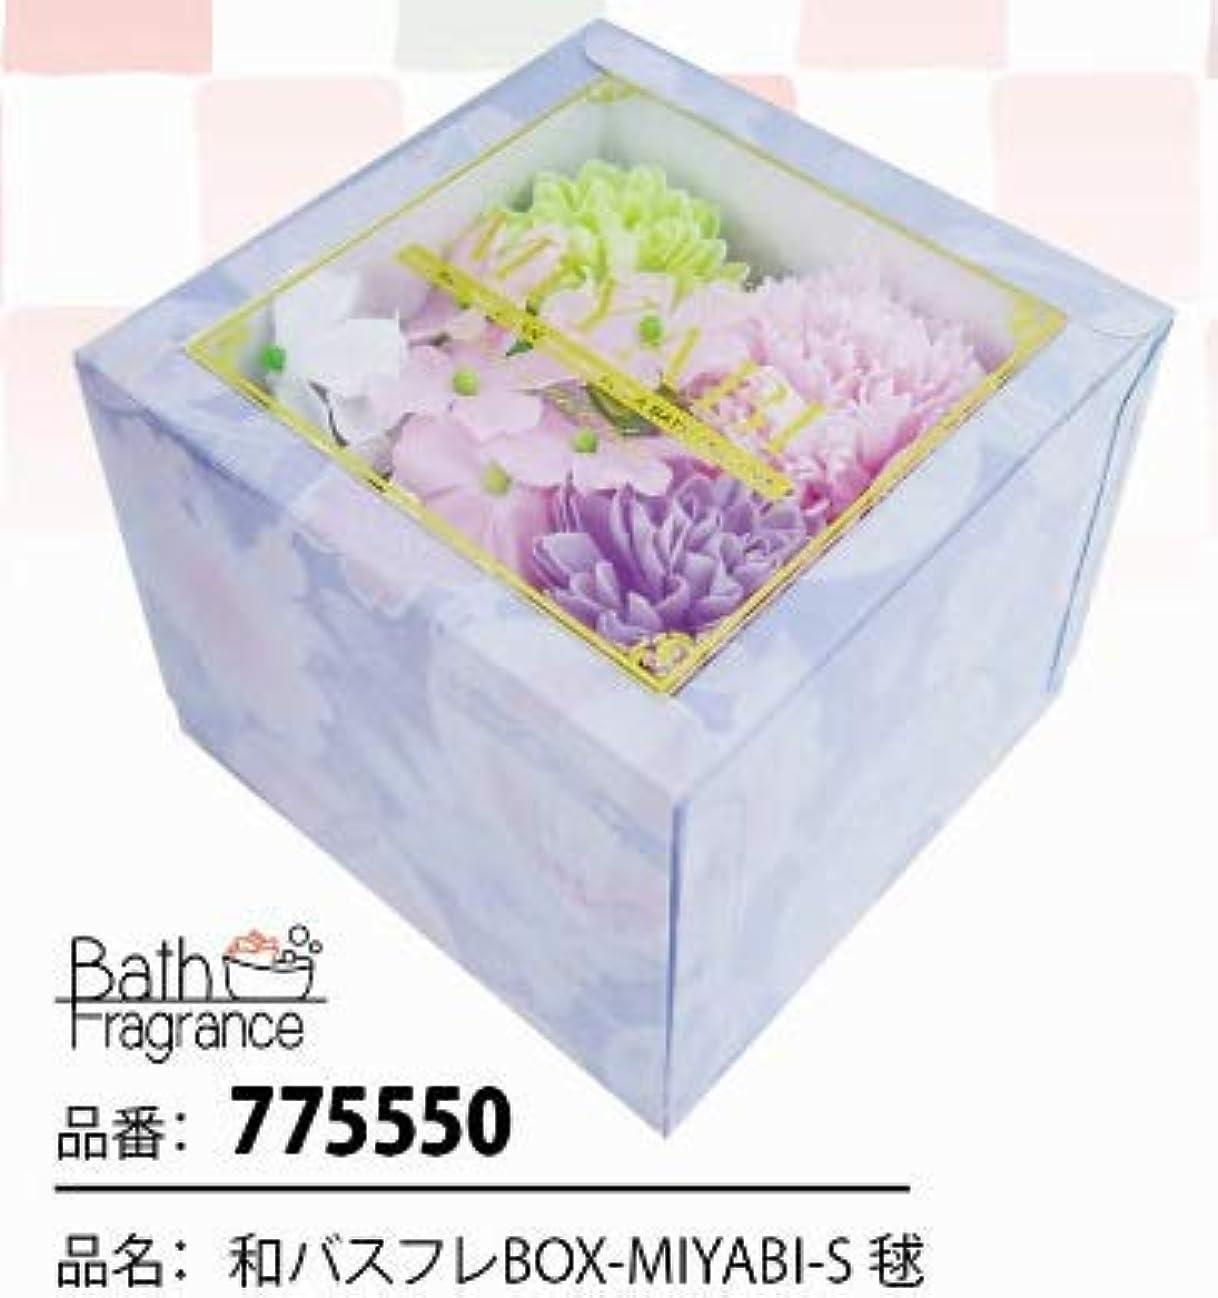 再撮り売り手ぎこちない花のカタチの入浴剤 和バスフレBOX-MIYABI-S毬 775550